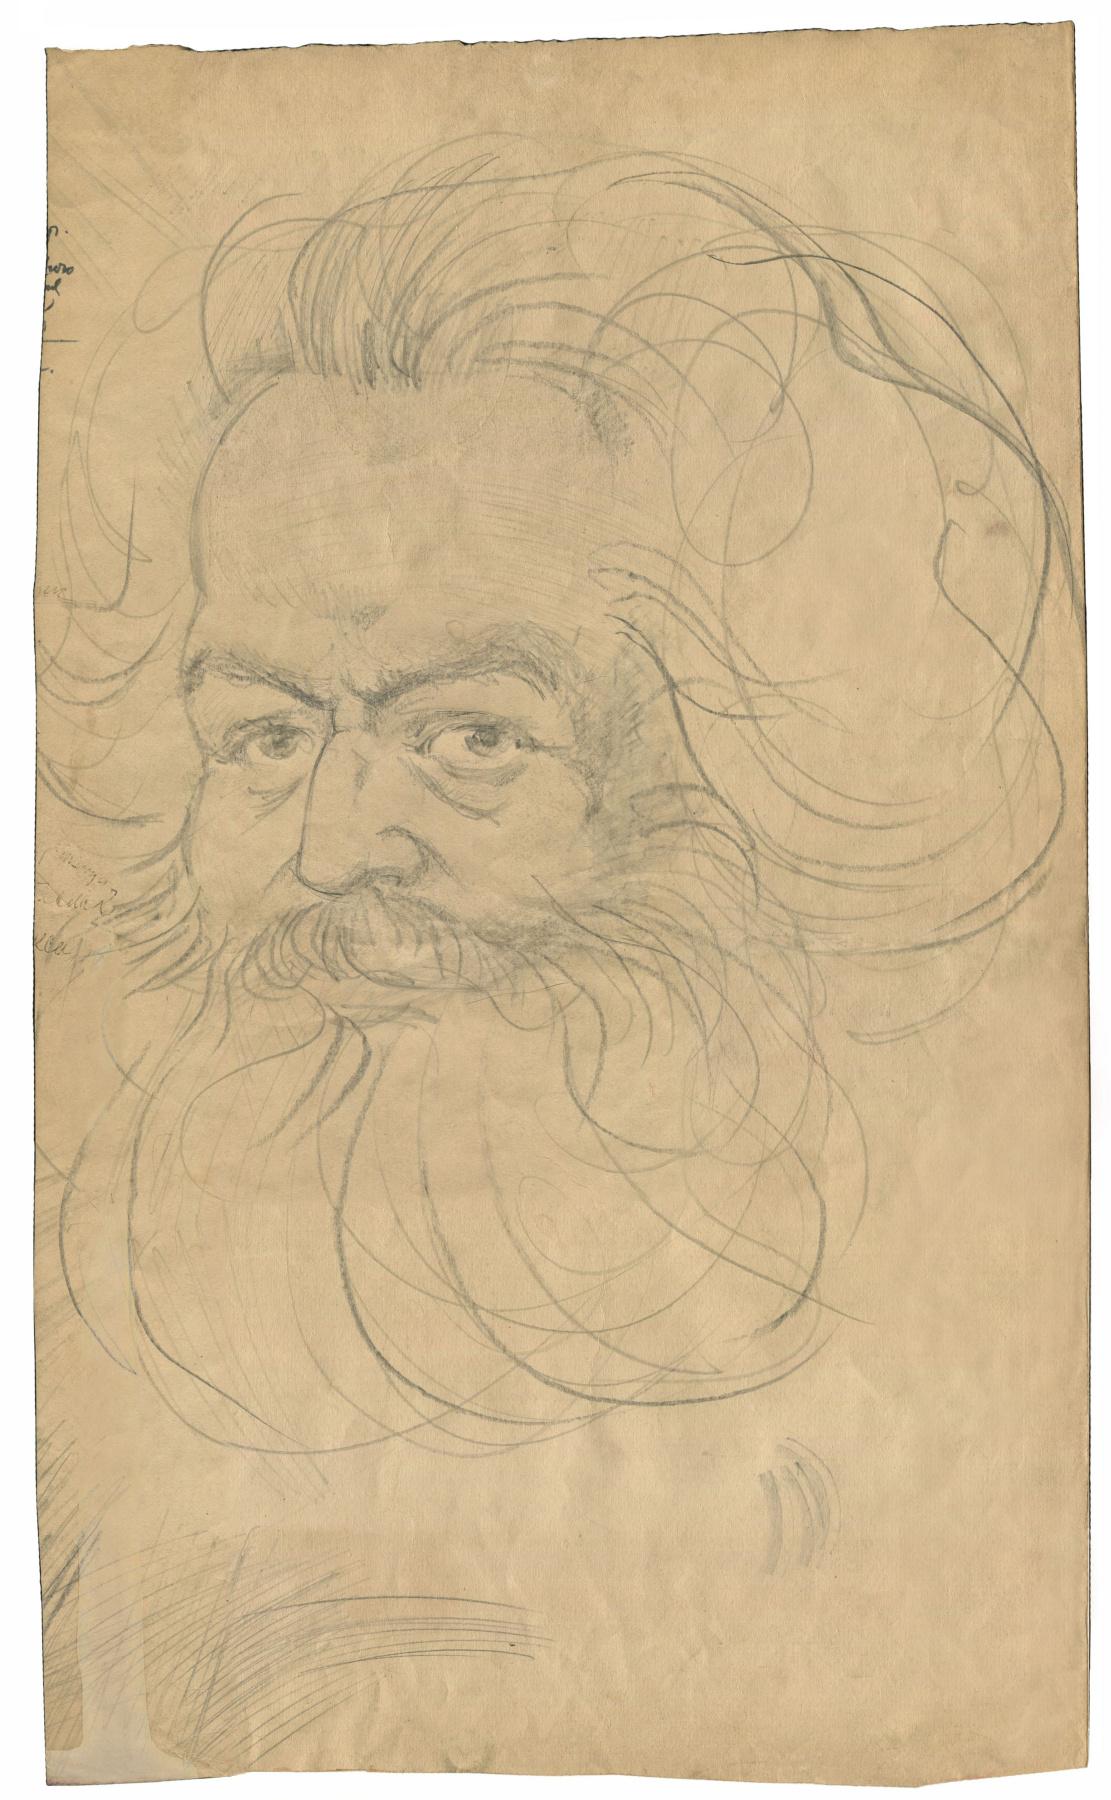 Alexandrovich Rudolf Pavlov. Karl Marx